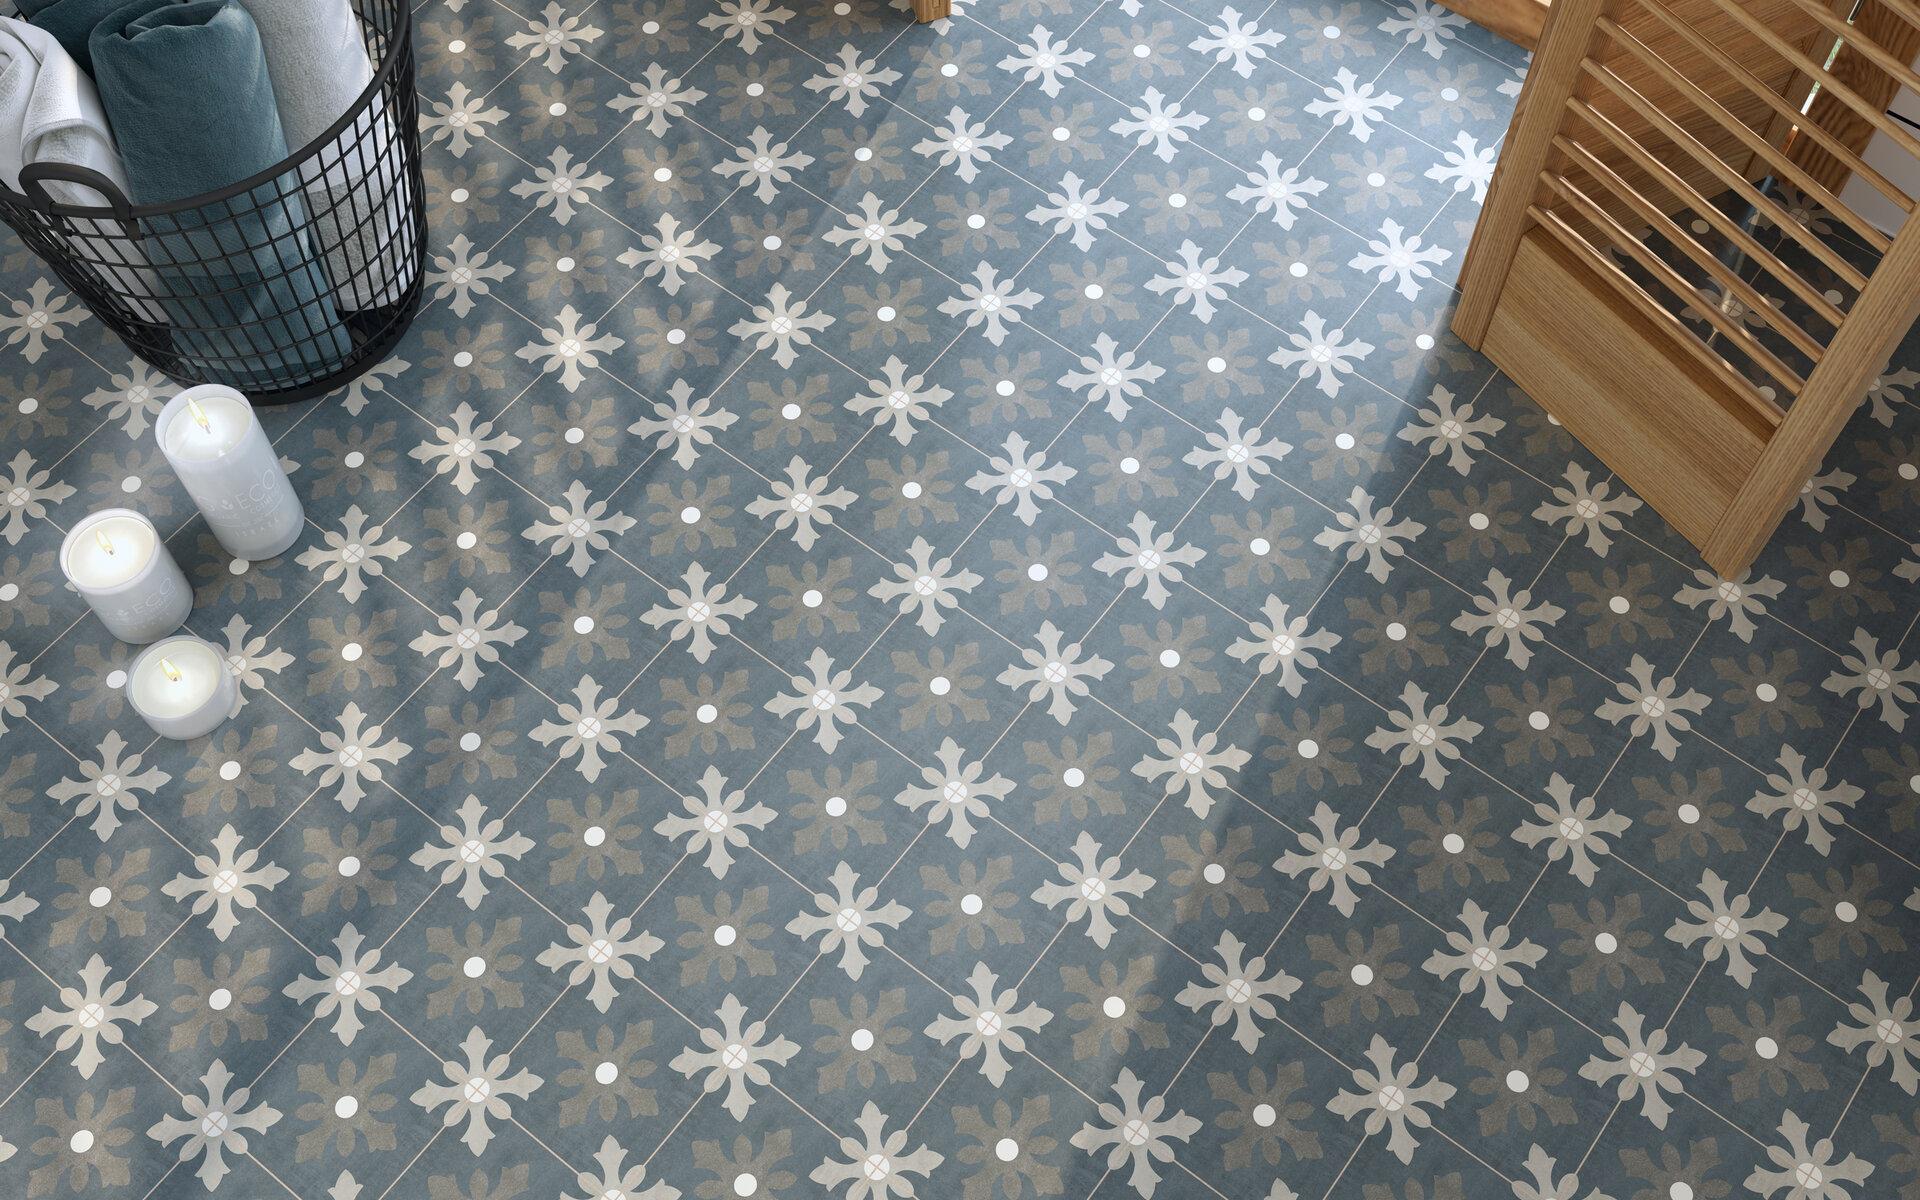 15 X Patterned Porcelain Floor Tile